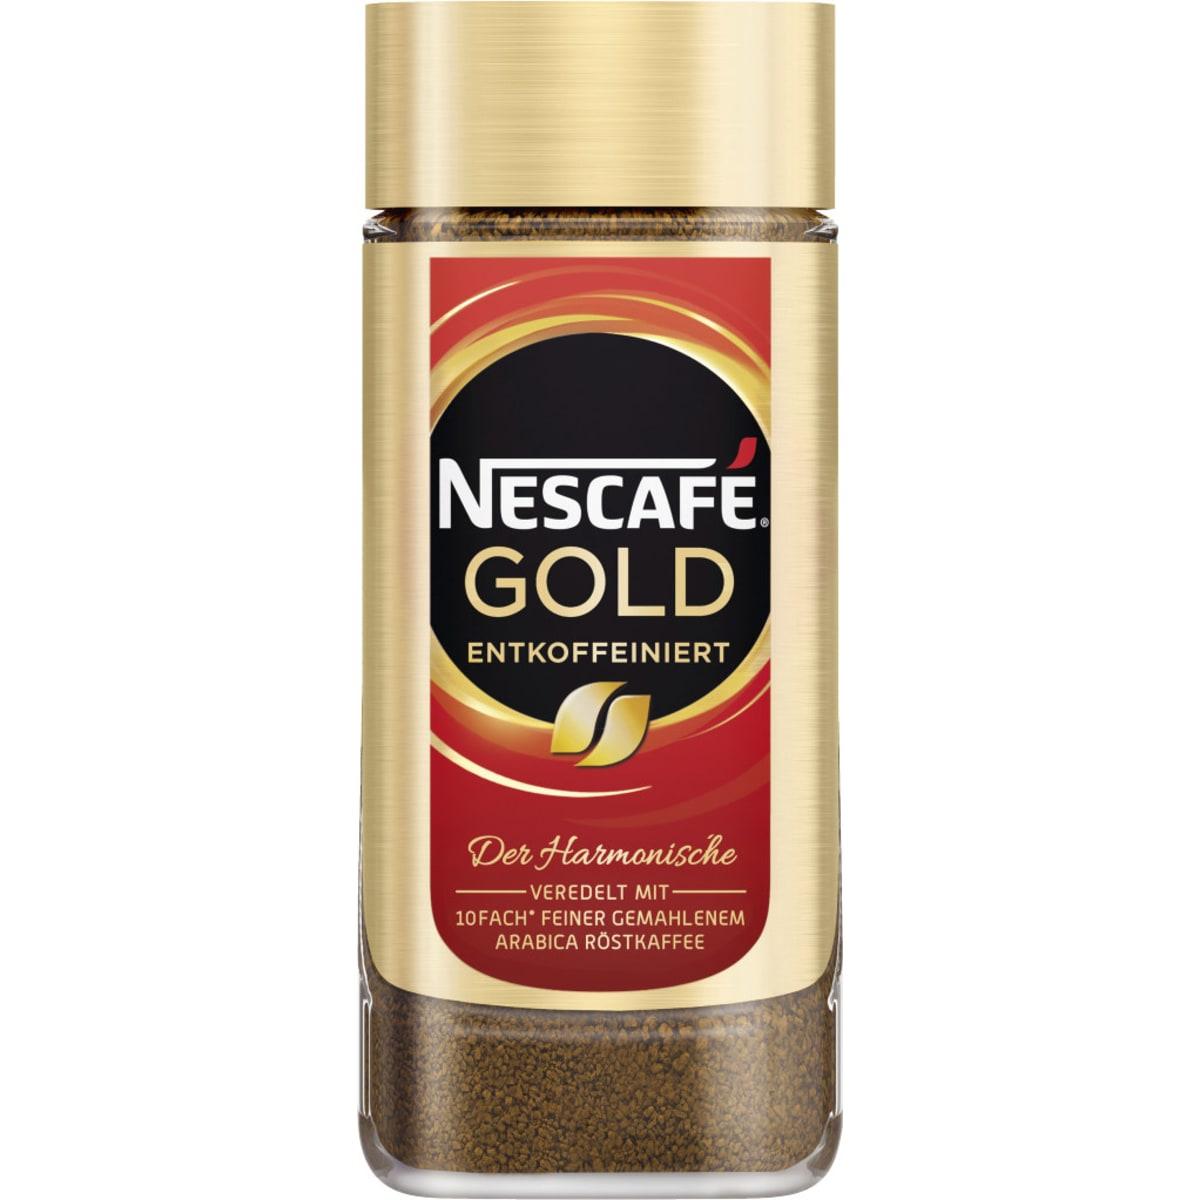 Nescafe Gold Entkoffeiniert